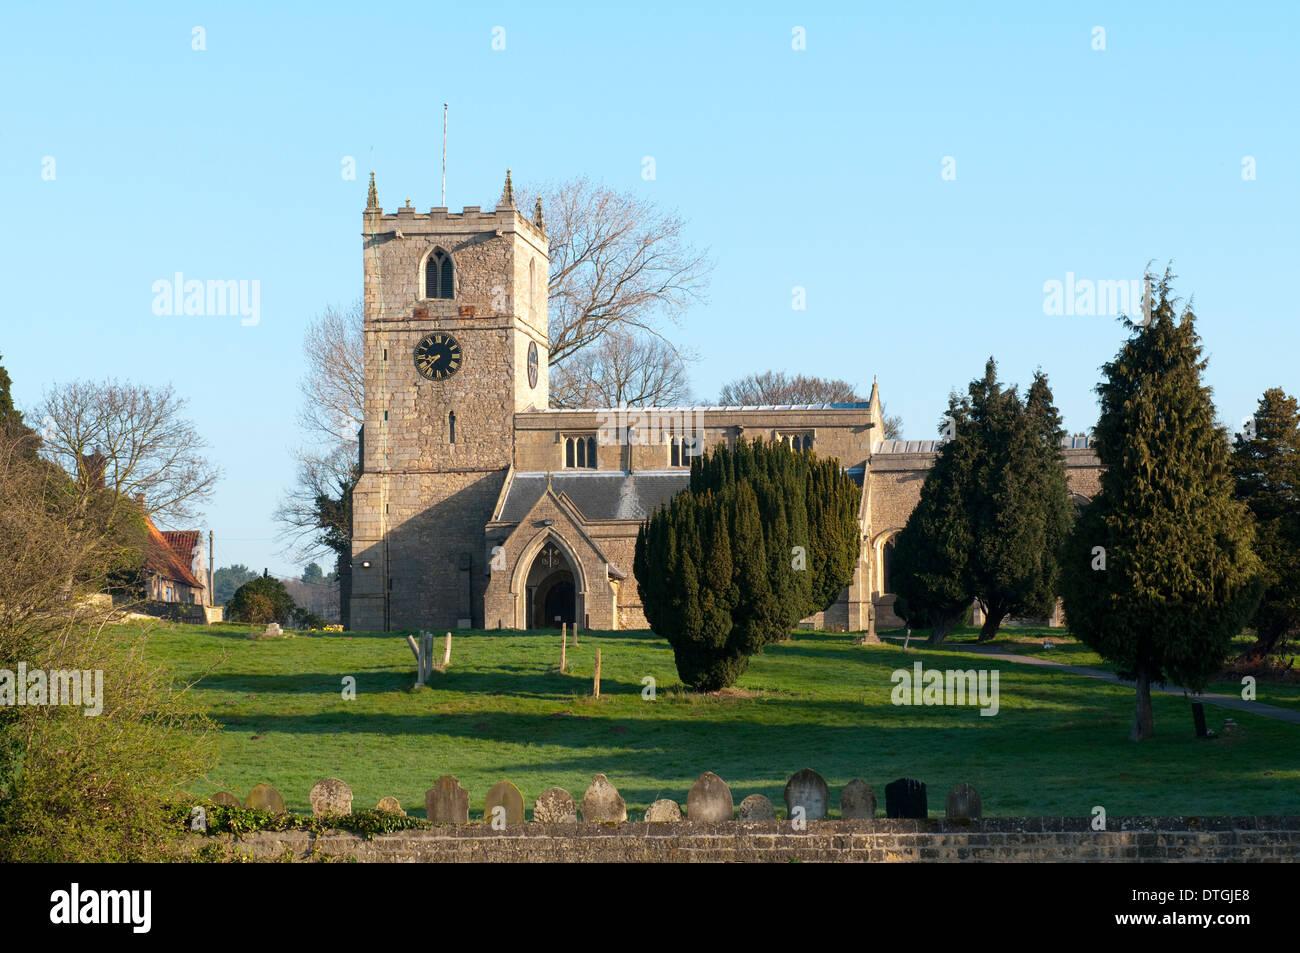 Die Kirche St. Peter und St. Paul Kirche Warsop Nottinghamshire England UK Stockbild